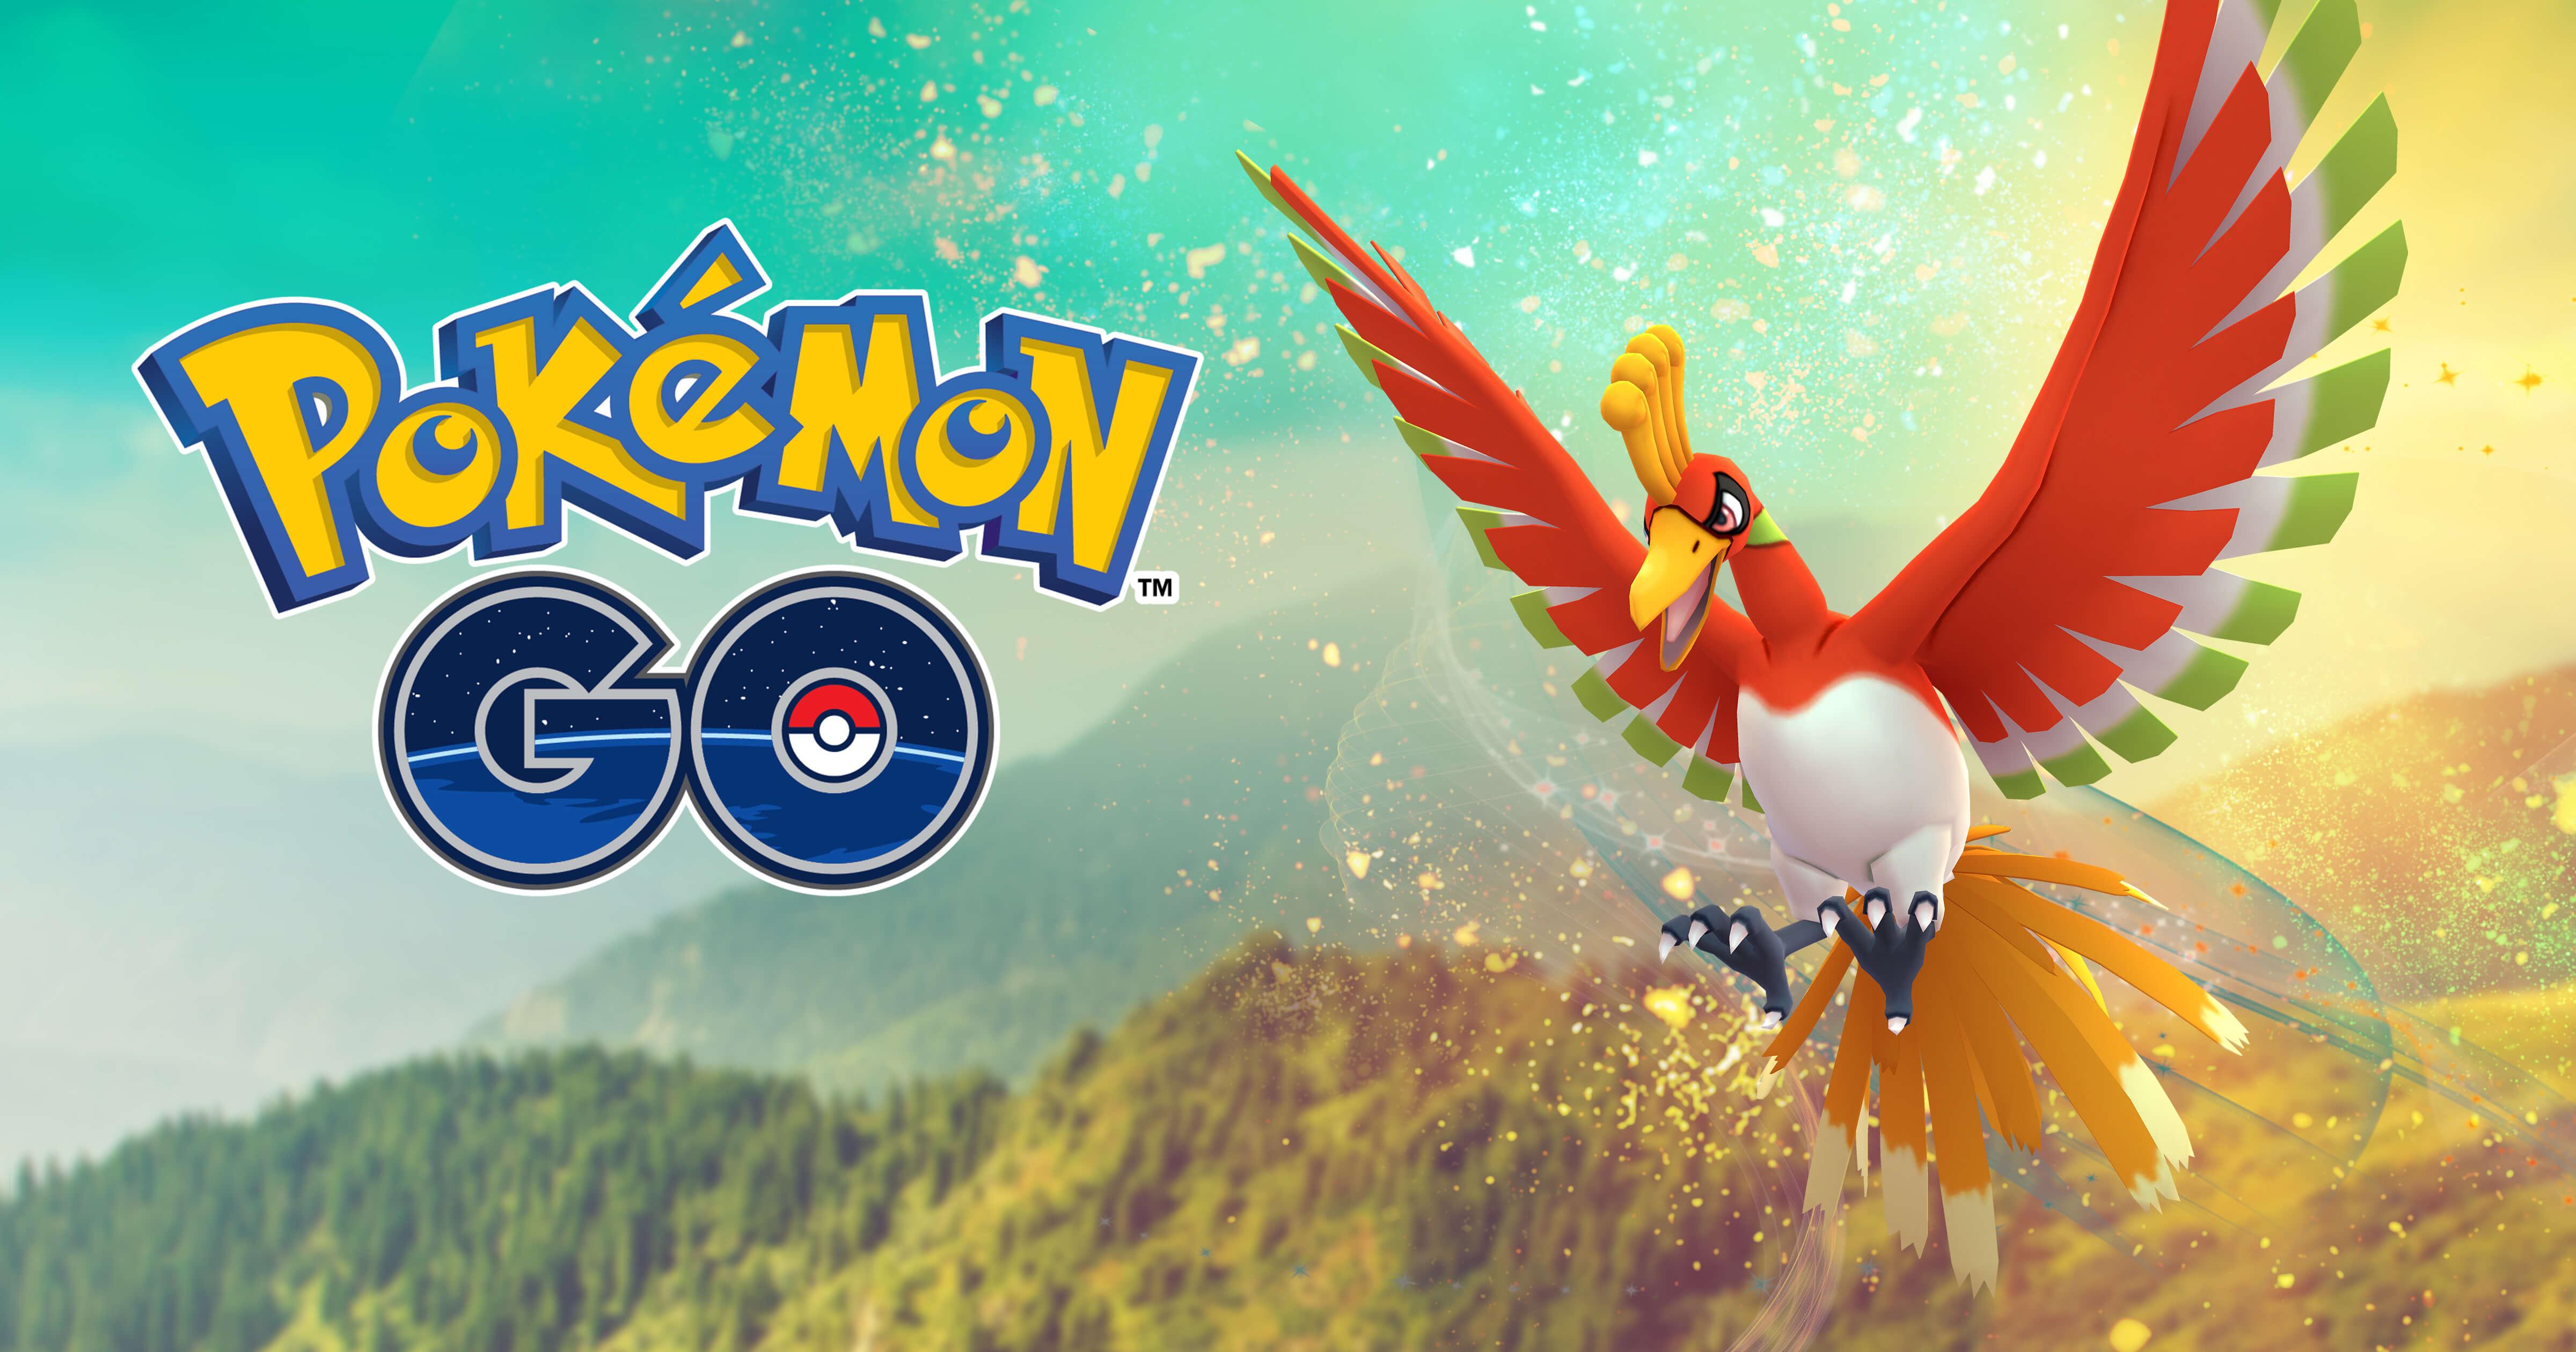 Pokémon GO Ho-Oh iOS